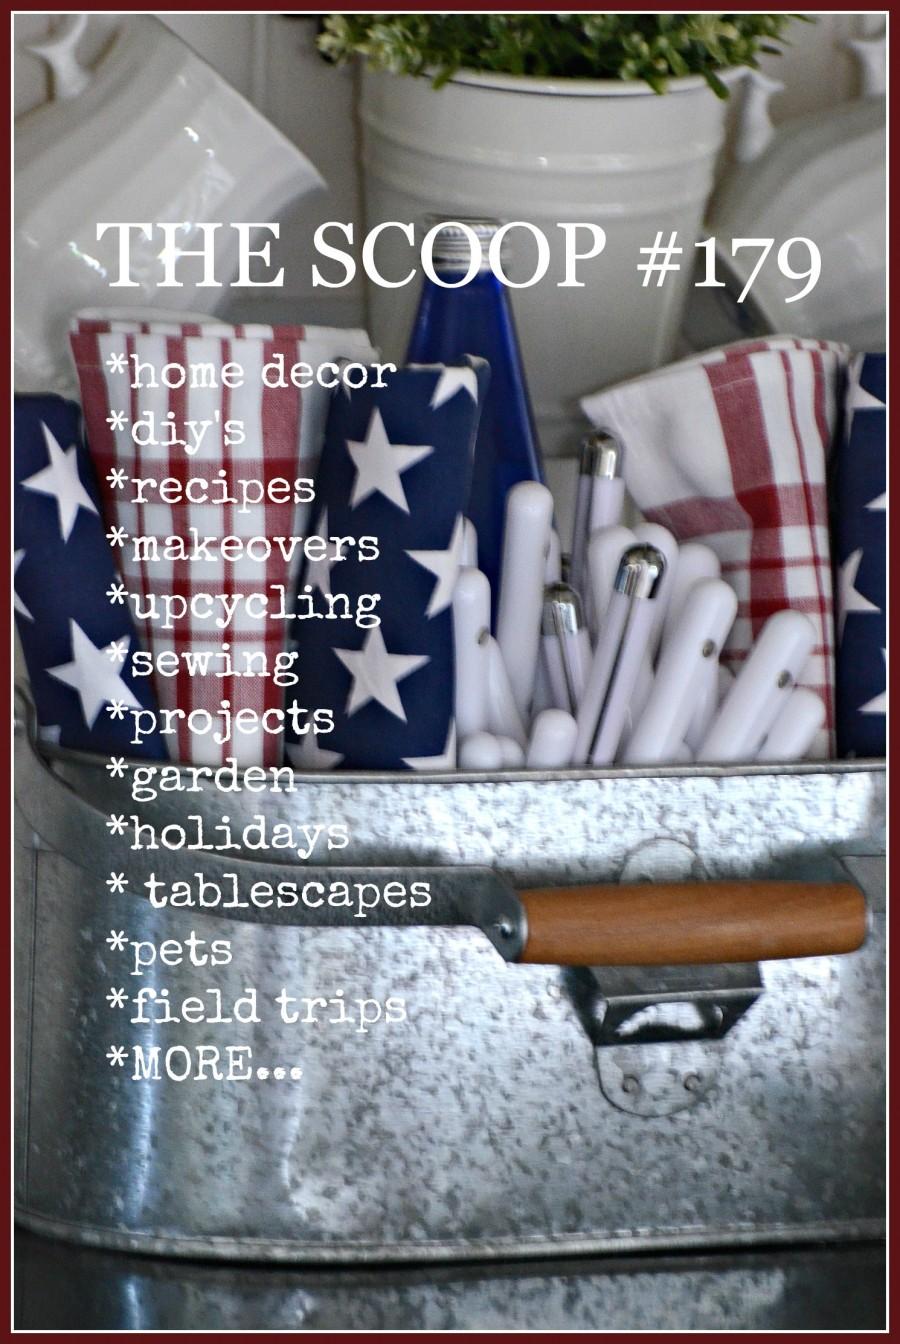 THE SCOOP #179